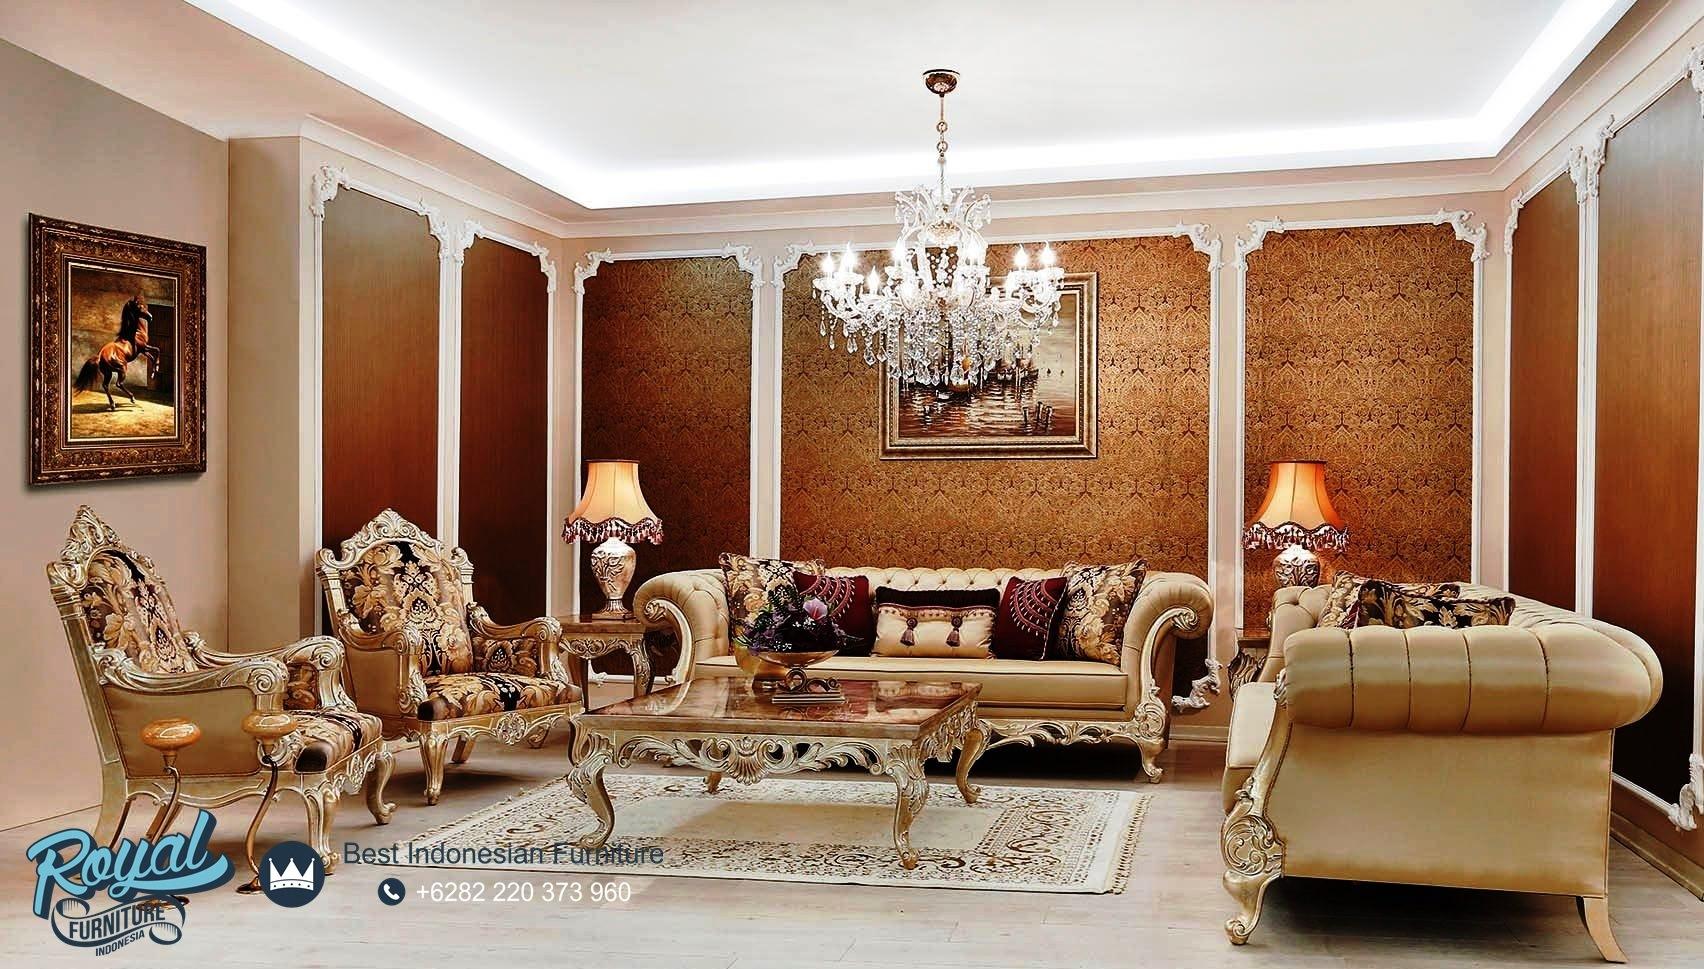 Sofa Tamu Mewah Ukir Classic Mebel Jepara Manchaster, Set Sofa Tamu Mewah Modern Elit Mobilya, Set Sofa Tamu Minimalis Terbaru 2019, set sofa tamu mewah, sofa minimalis terbaru, sofa minimalis terbaru 2019, sofa minimalis untuk ruang tamu kecil, harga sofa minimalis terbaru, kursi tamu sofa jati, model sofa terbaru dan harganya, sofa minimalis kayu jati, desain kursi sofa ruang tamu modern, ruang tamu minimalis terbaru, harga sofa tamu minimalis, model sofa tamu minimalis terbaru, kursi sofa minimalis, sofa tamu mewah, kursi tamu mewah, kursi tamu sudut L, set sofa tamu terbaru 2019, mebel jepara, furniture jepara, royal furniture